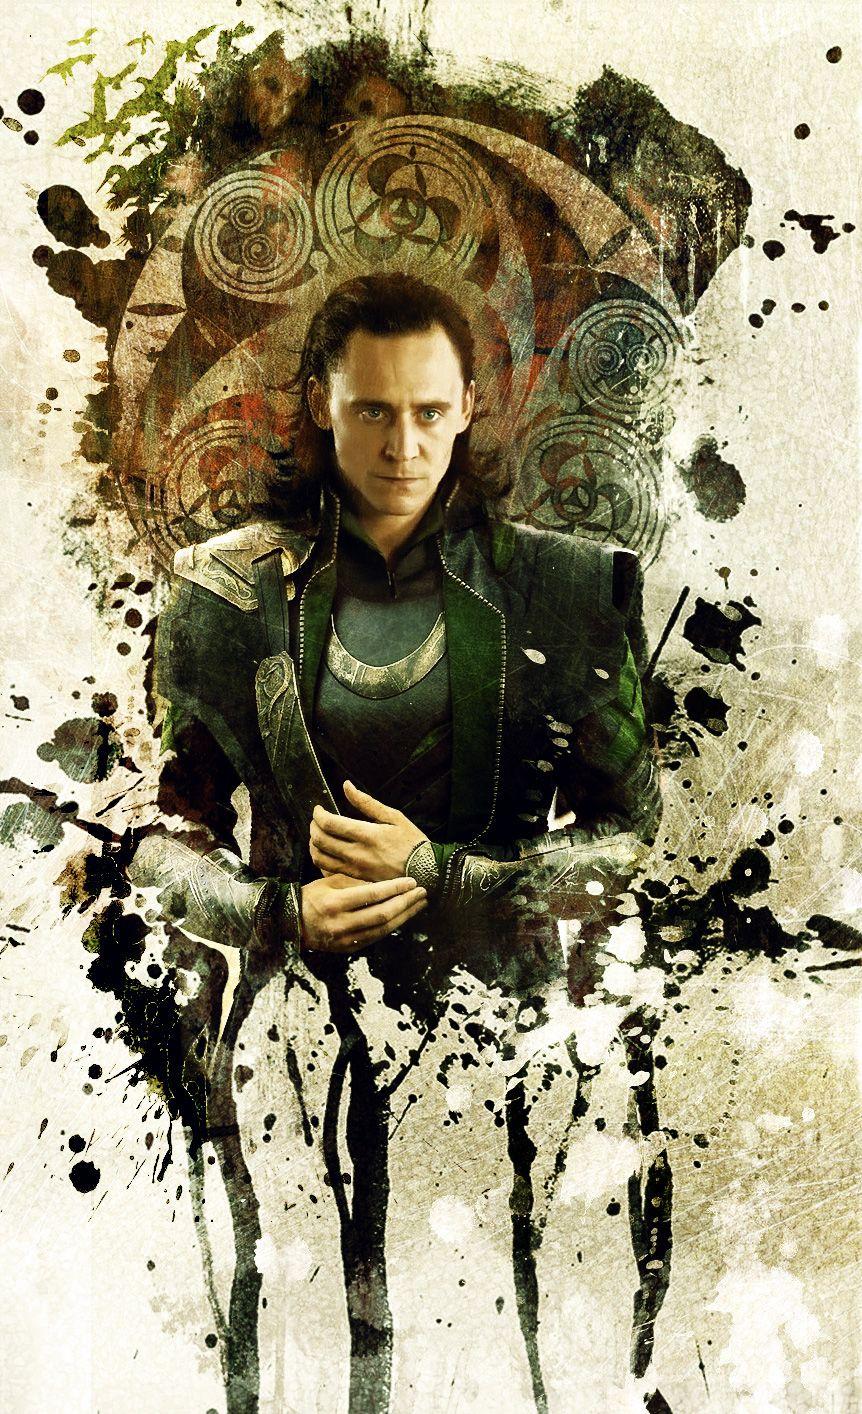 Most Inspiring Wallpaper Marvel Loki - aefca160269c0169fcee33a990b0538c  Snapshot_962780.jpg